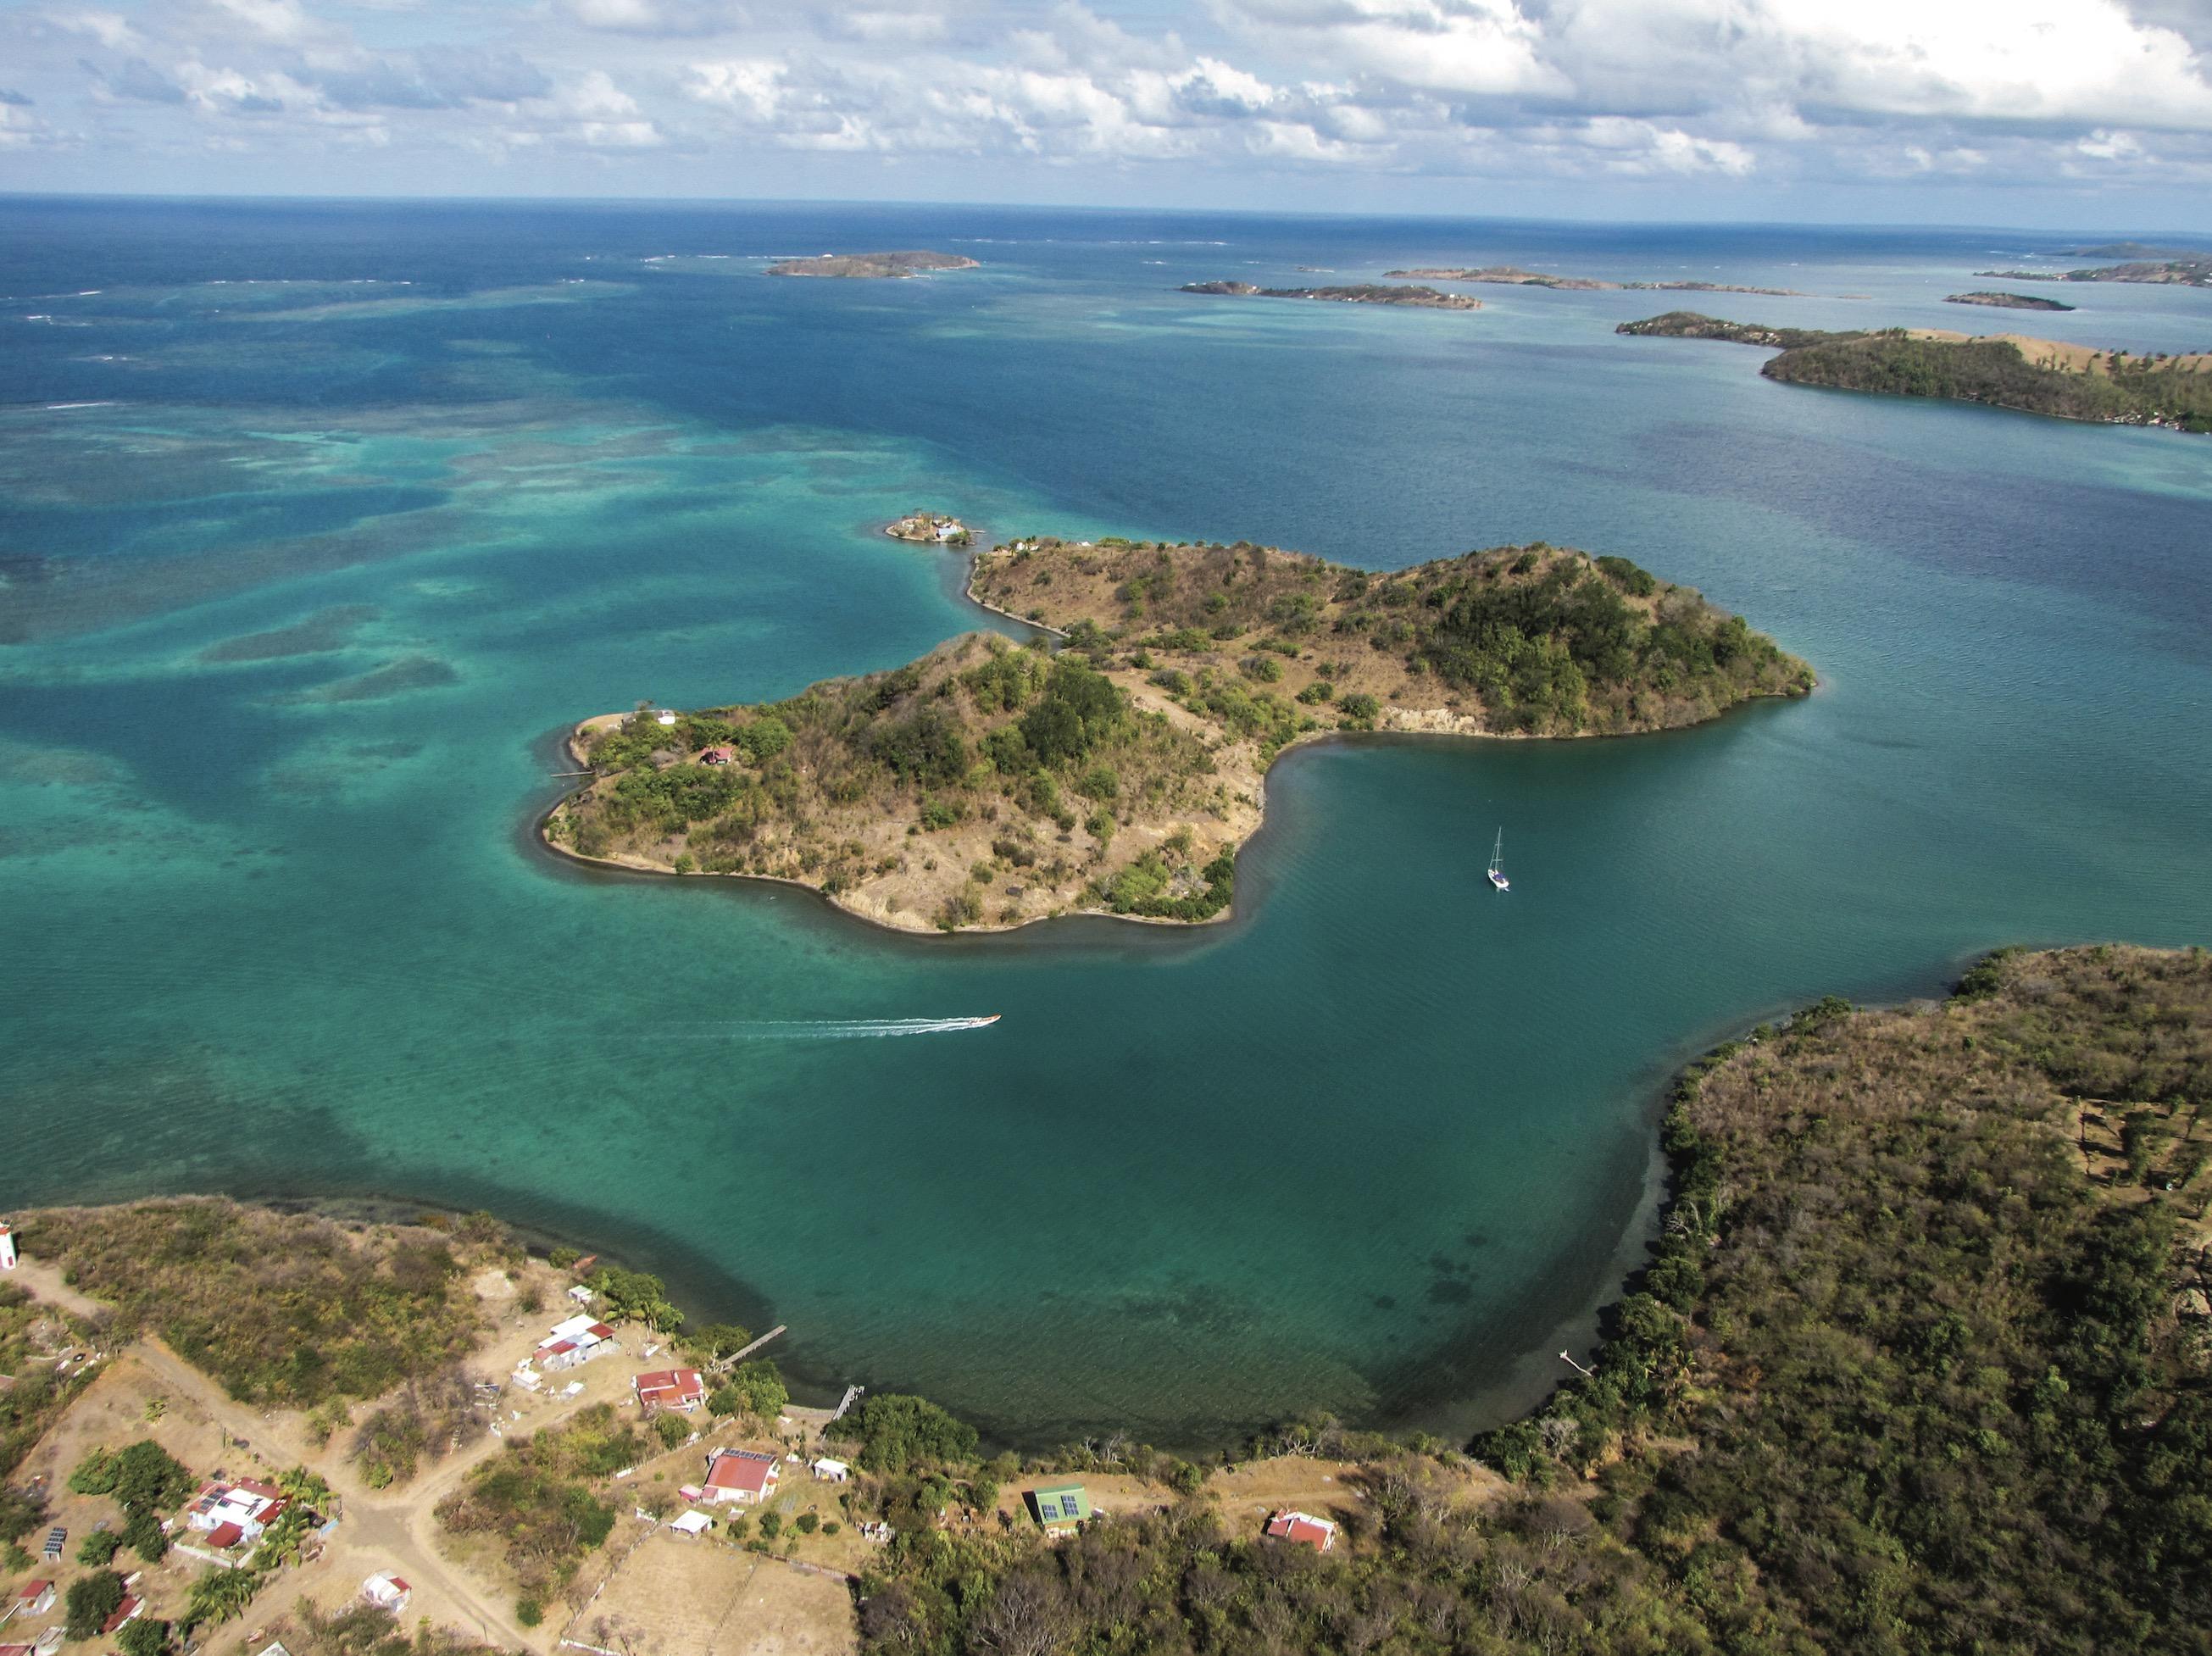 martinique vue aérienne - barrière corail martinique